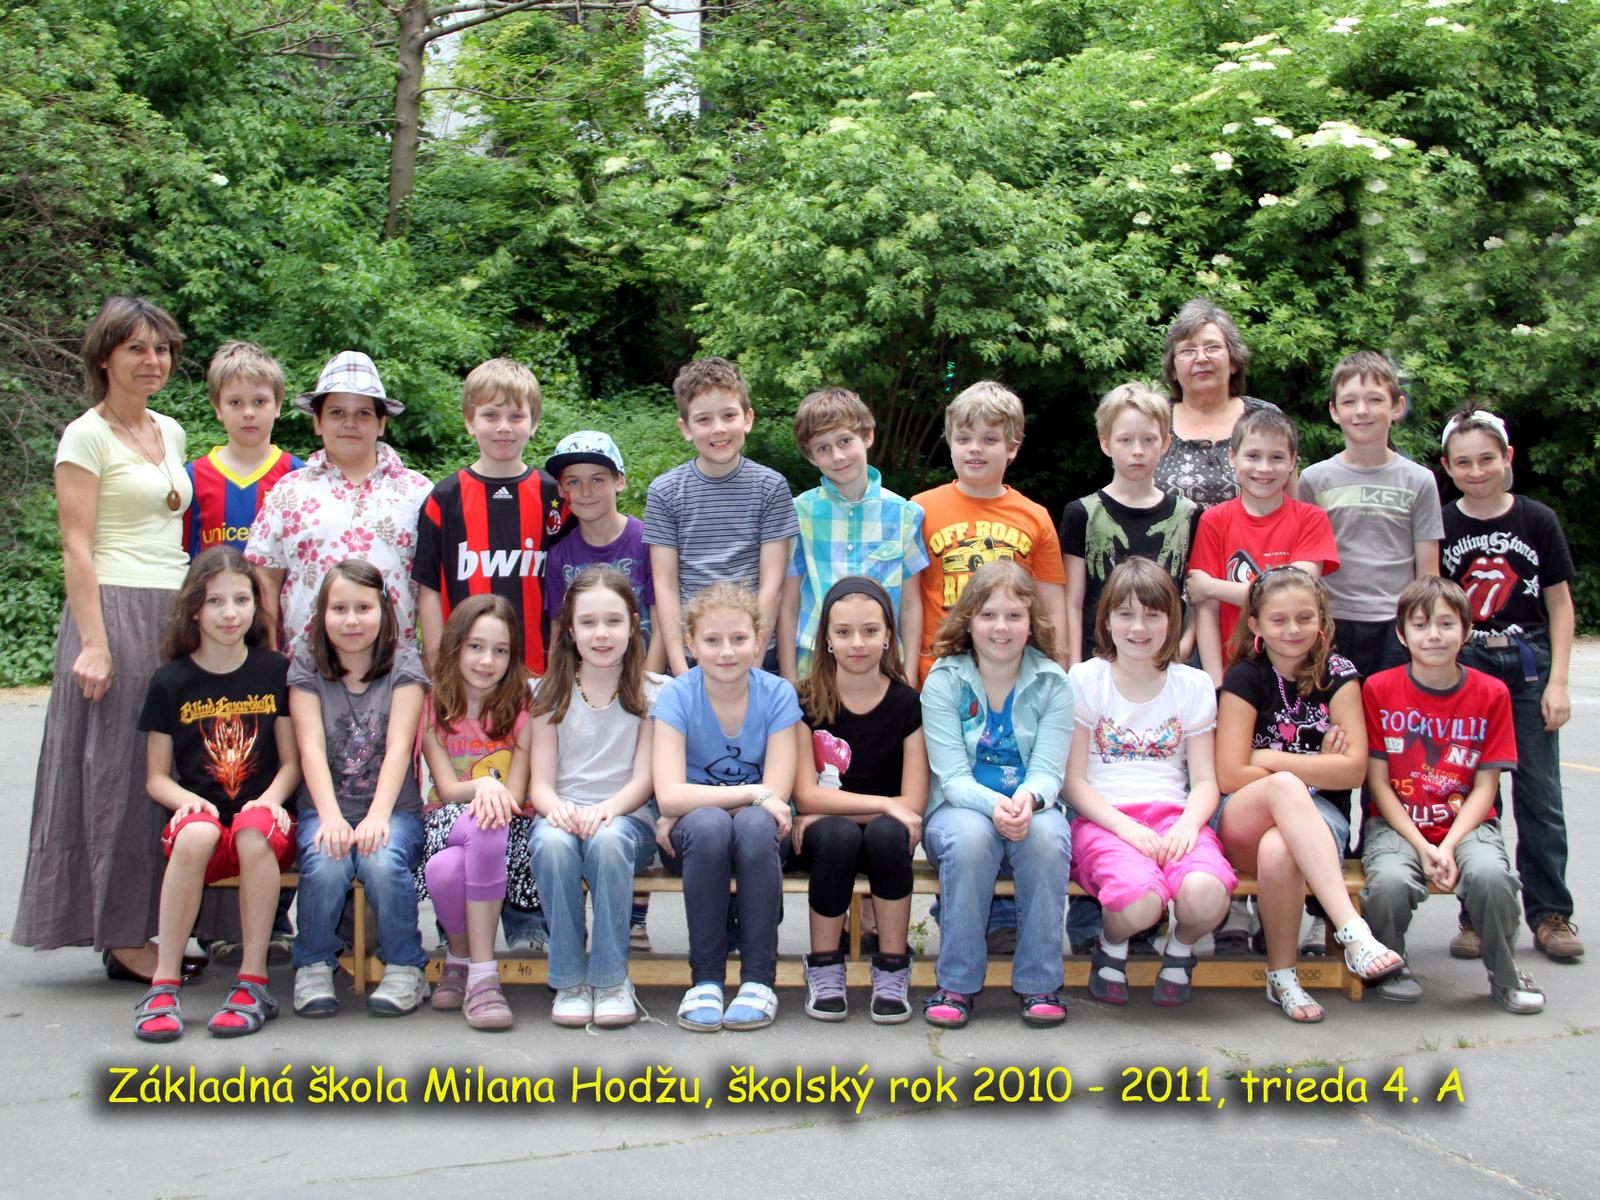 Spoločné fotografie tried a učiteľov v roku 2010/2011